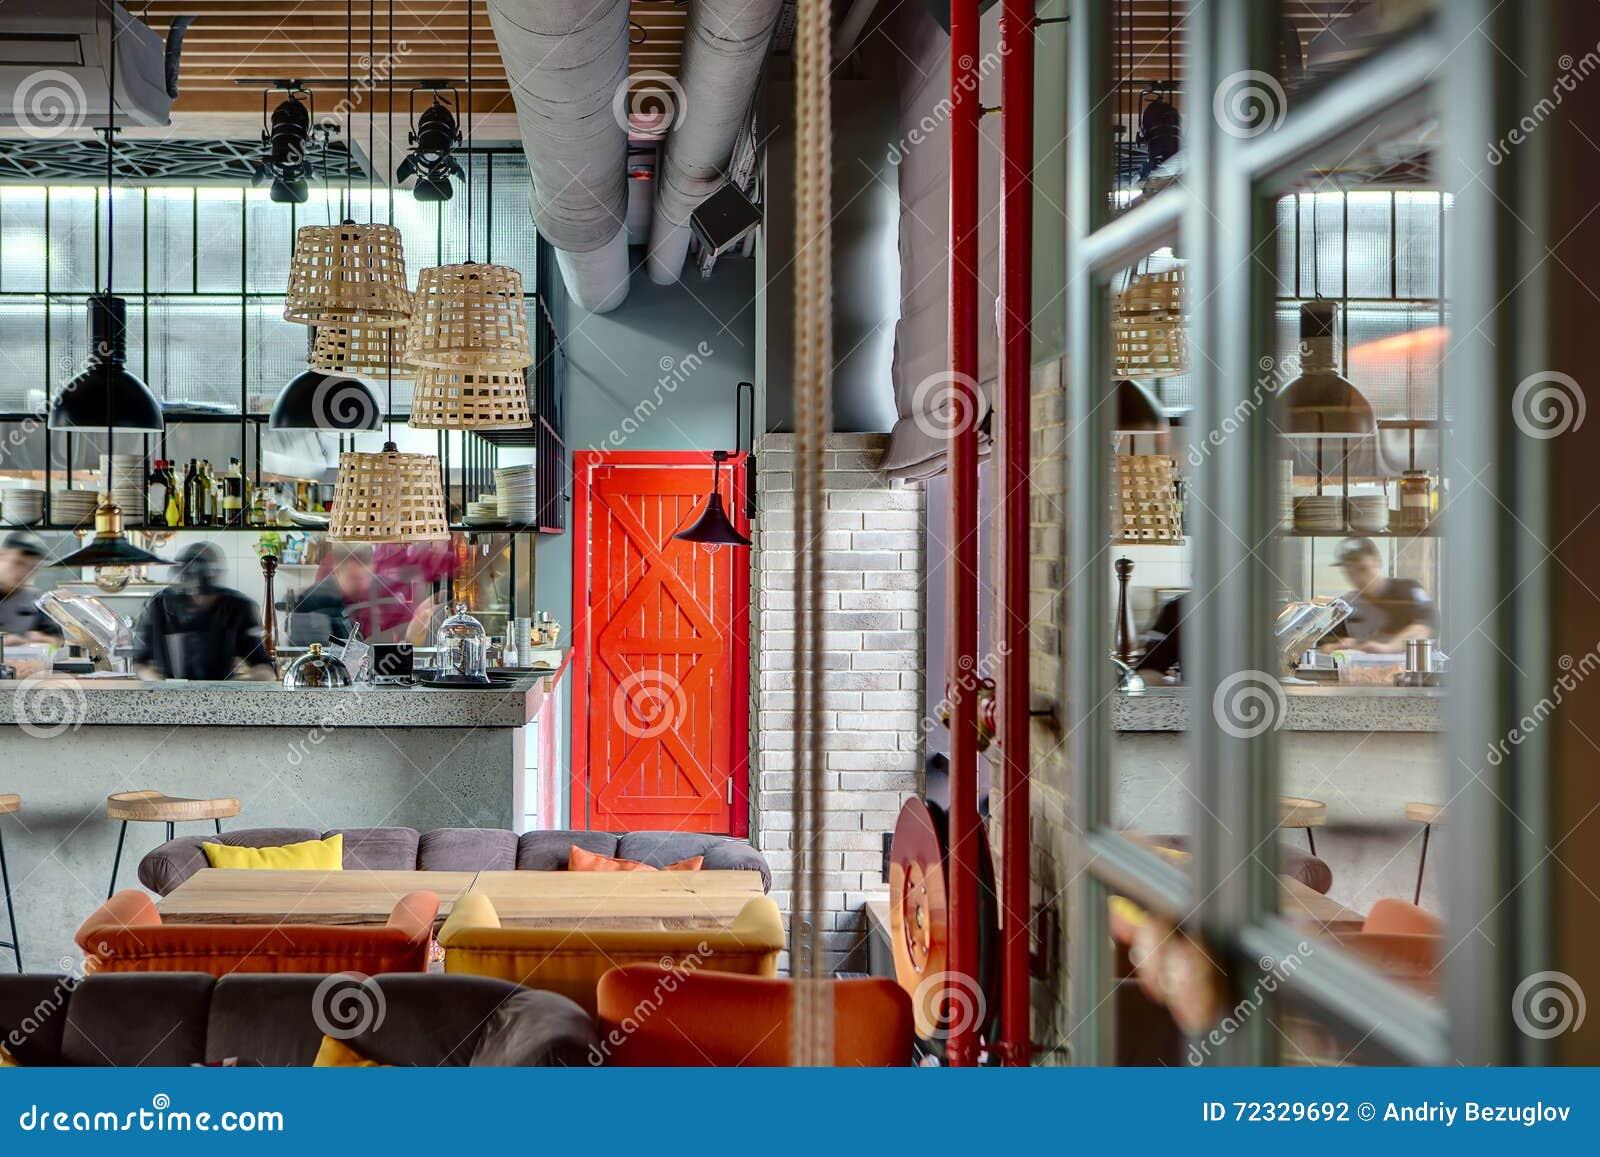 Restaurant Mit Offener Küche Stockfoto - Bild von bequem ...